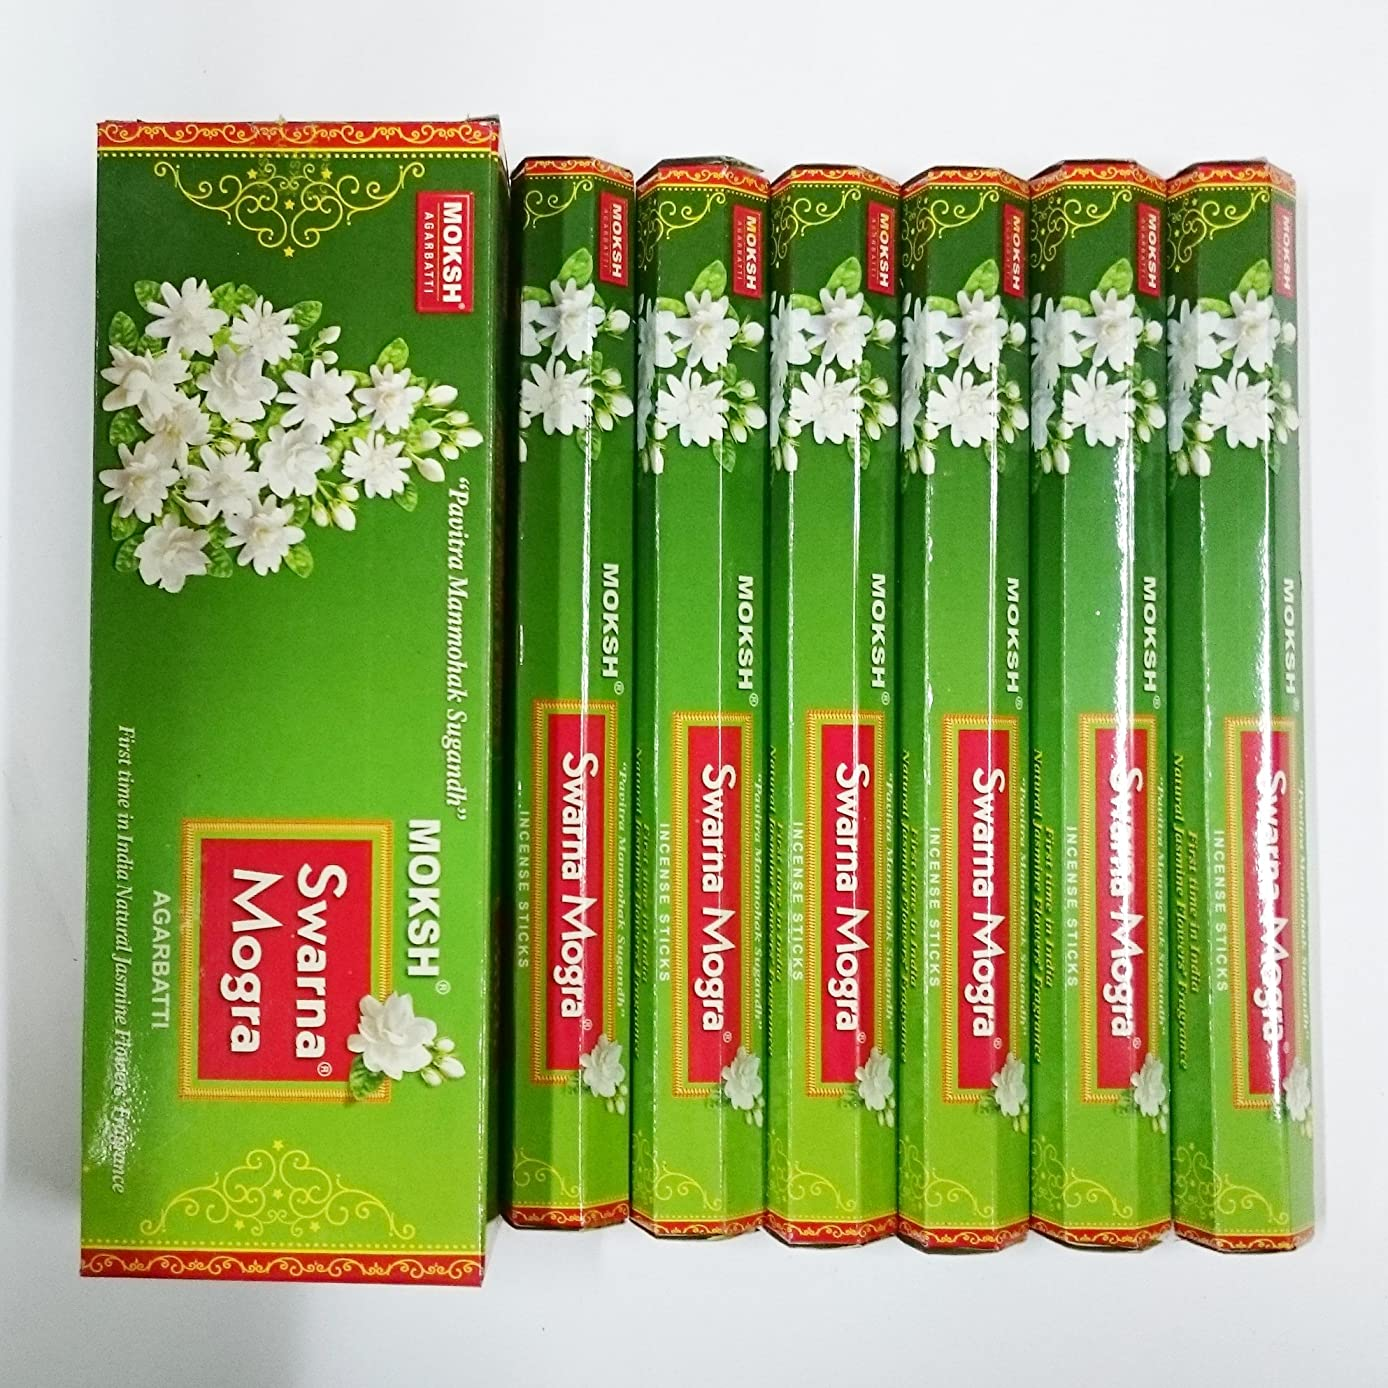 自然公園代数的ハンマーMoksh (モクシャ) インセンス スティック へキサパック スワルナ モグラ(インドジャスミン)香 6角(20本入)×6箱 [並行輸入品]Swarna Mogra